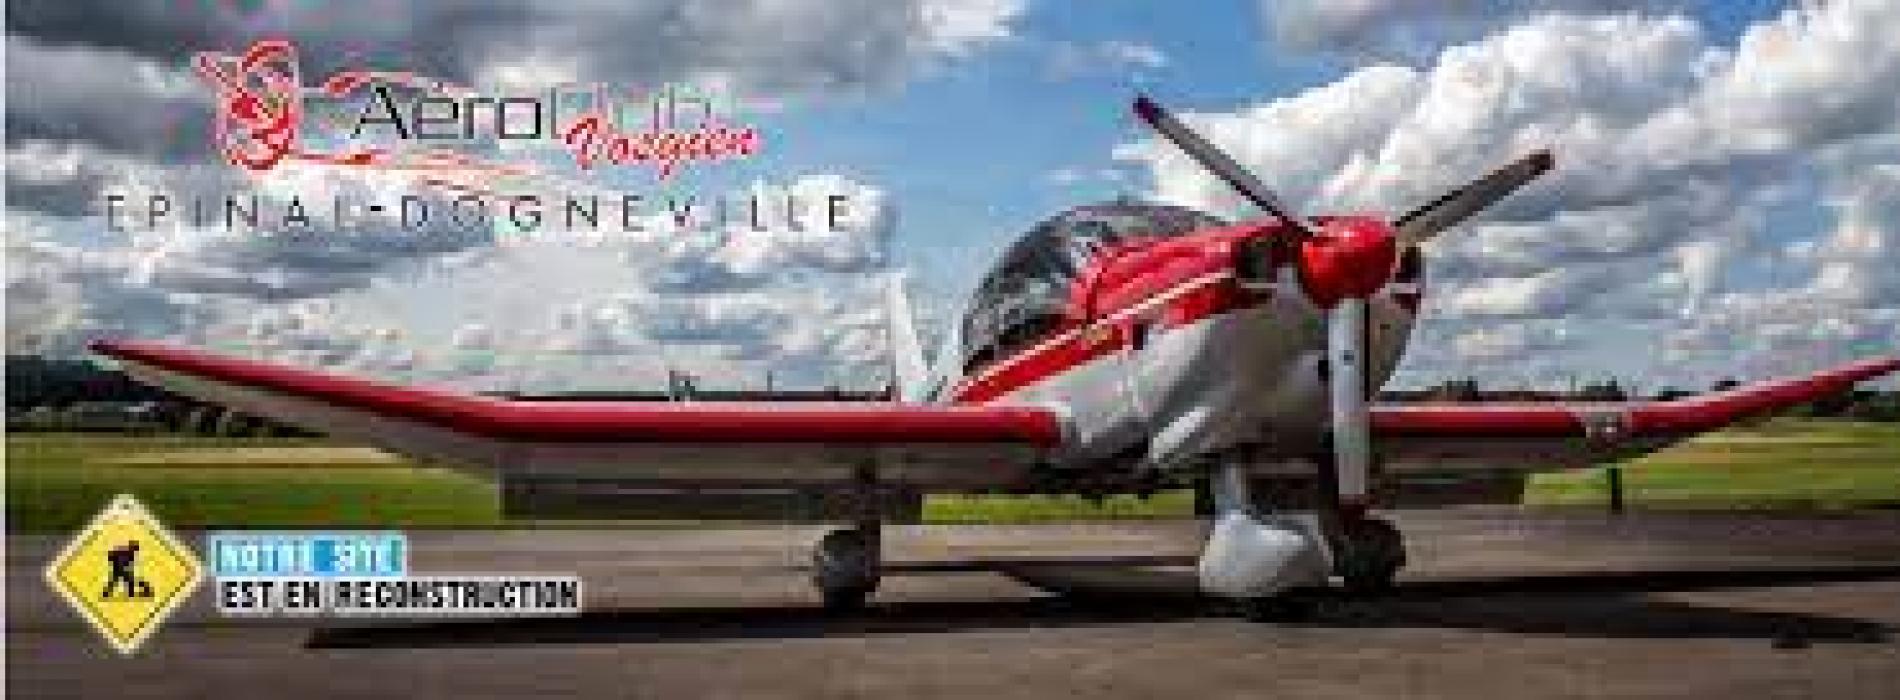 Qui d'entre nous n'a jamais rêvé de s'élever dans les airs, Les Vosges vue du ciel....